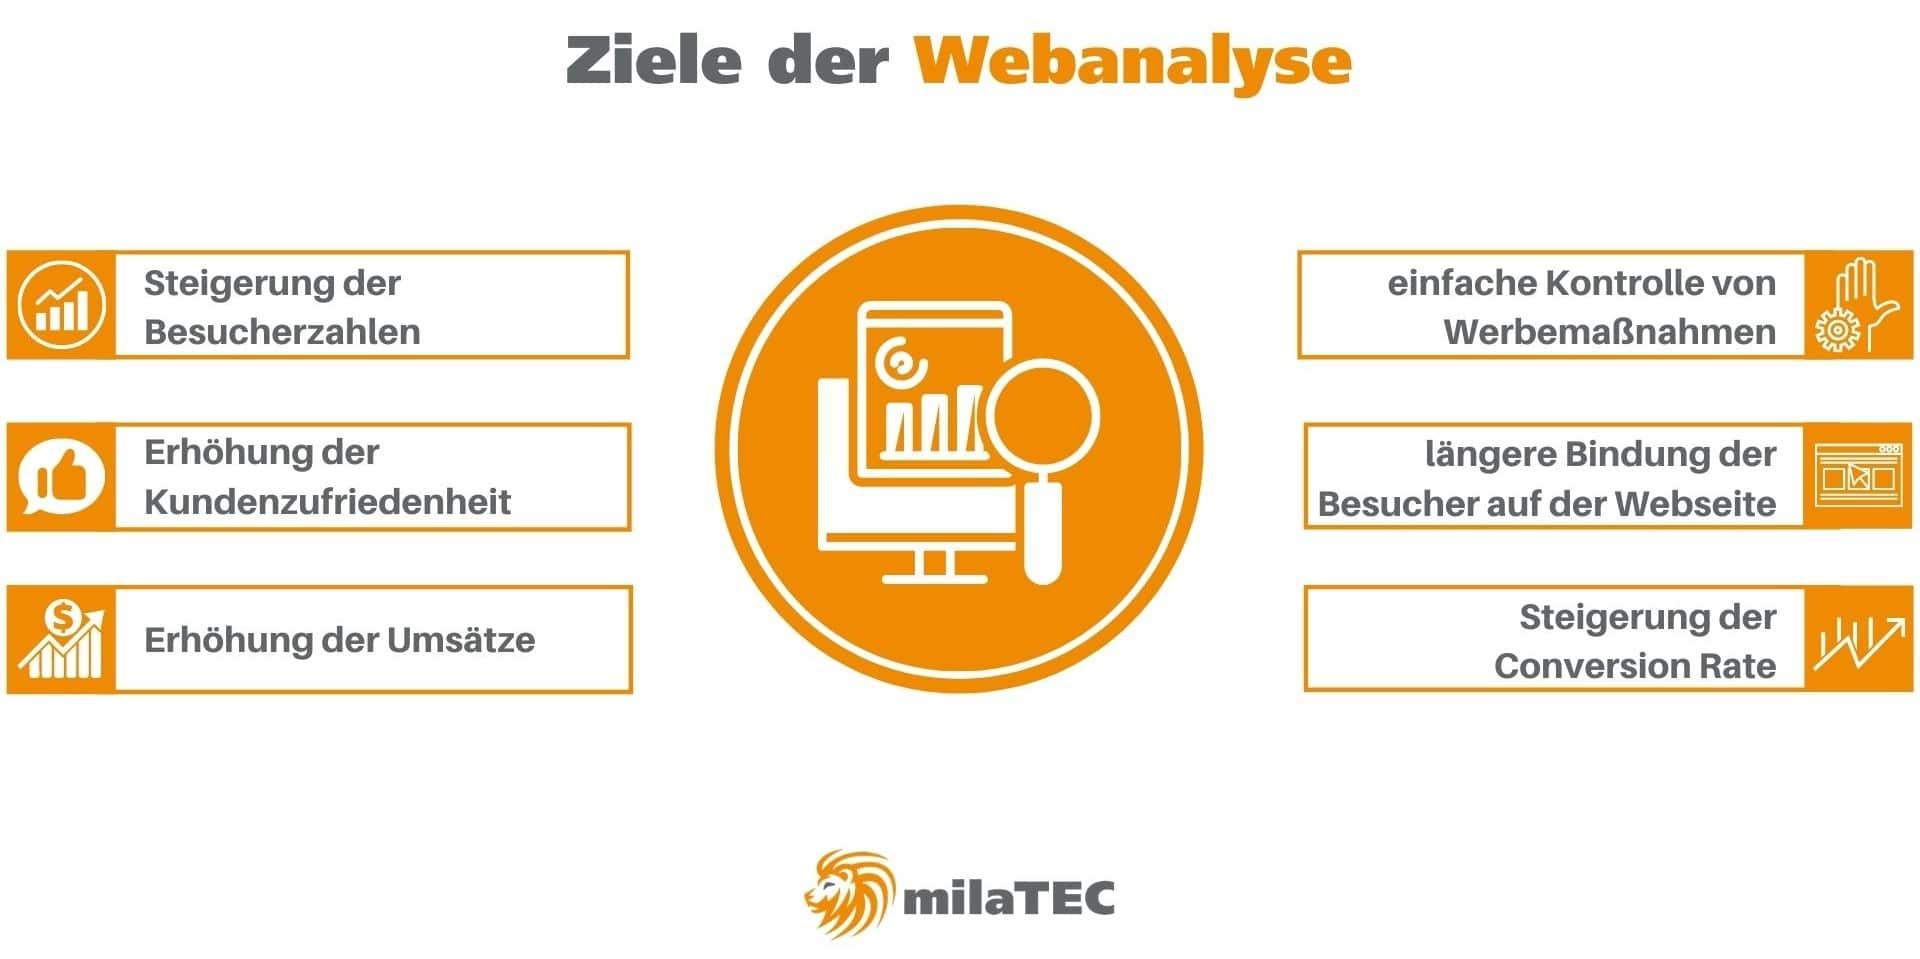 Ziele der Webanalyse